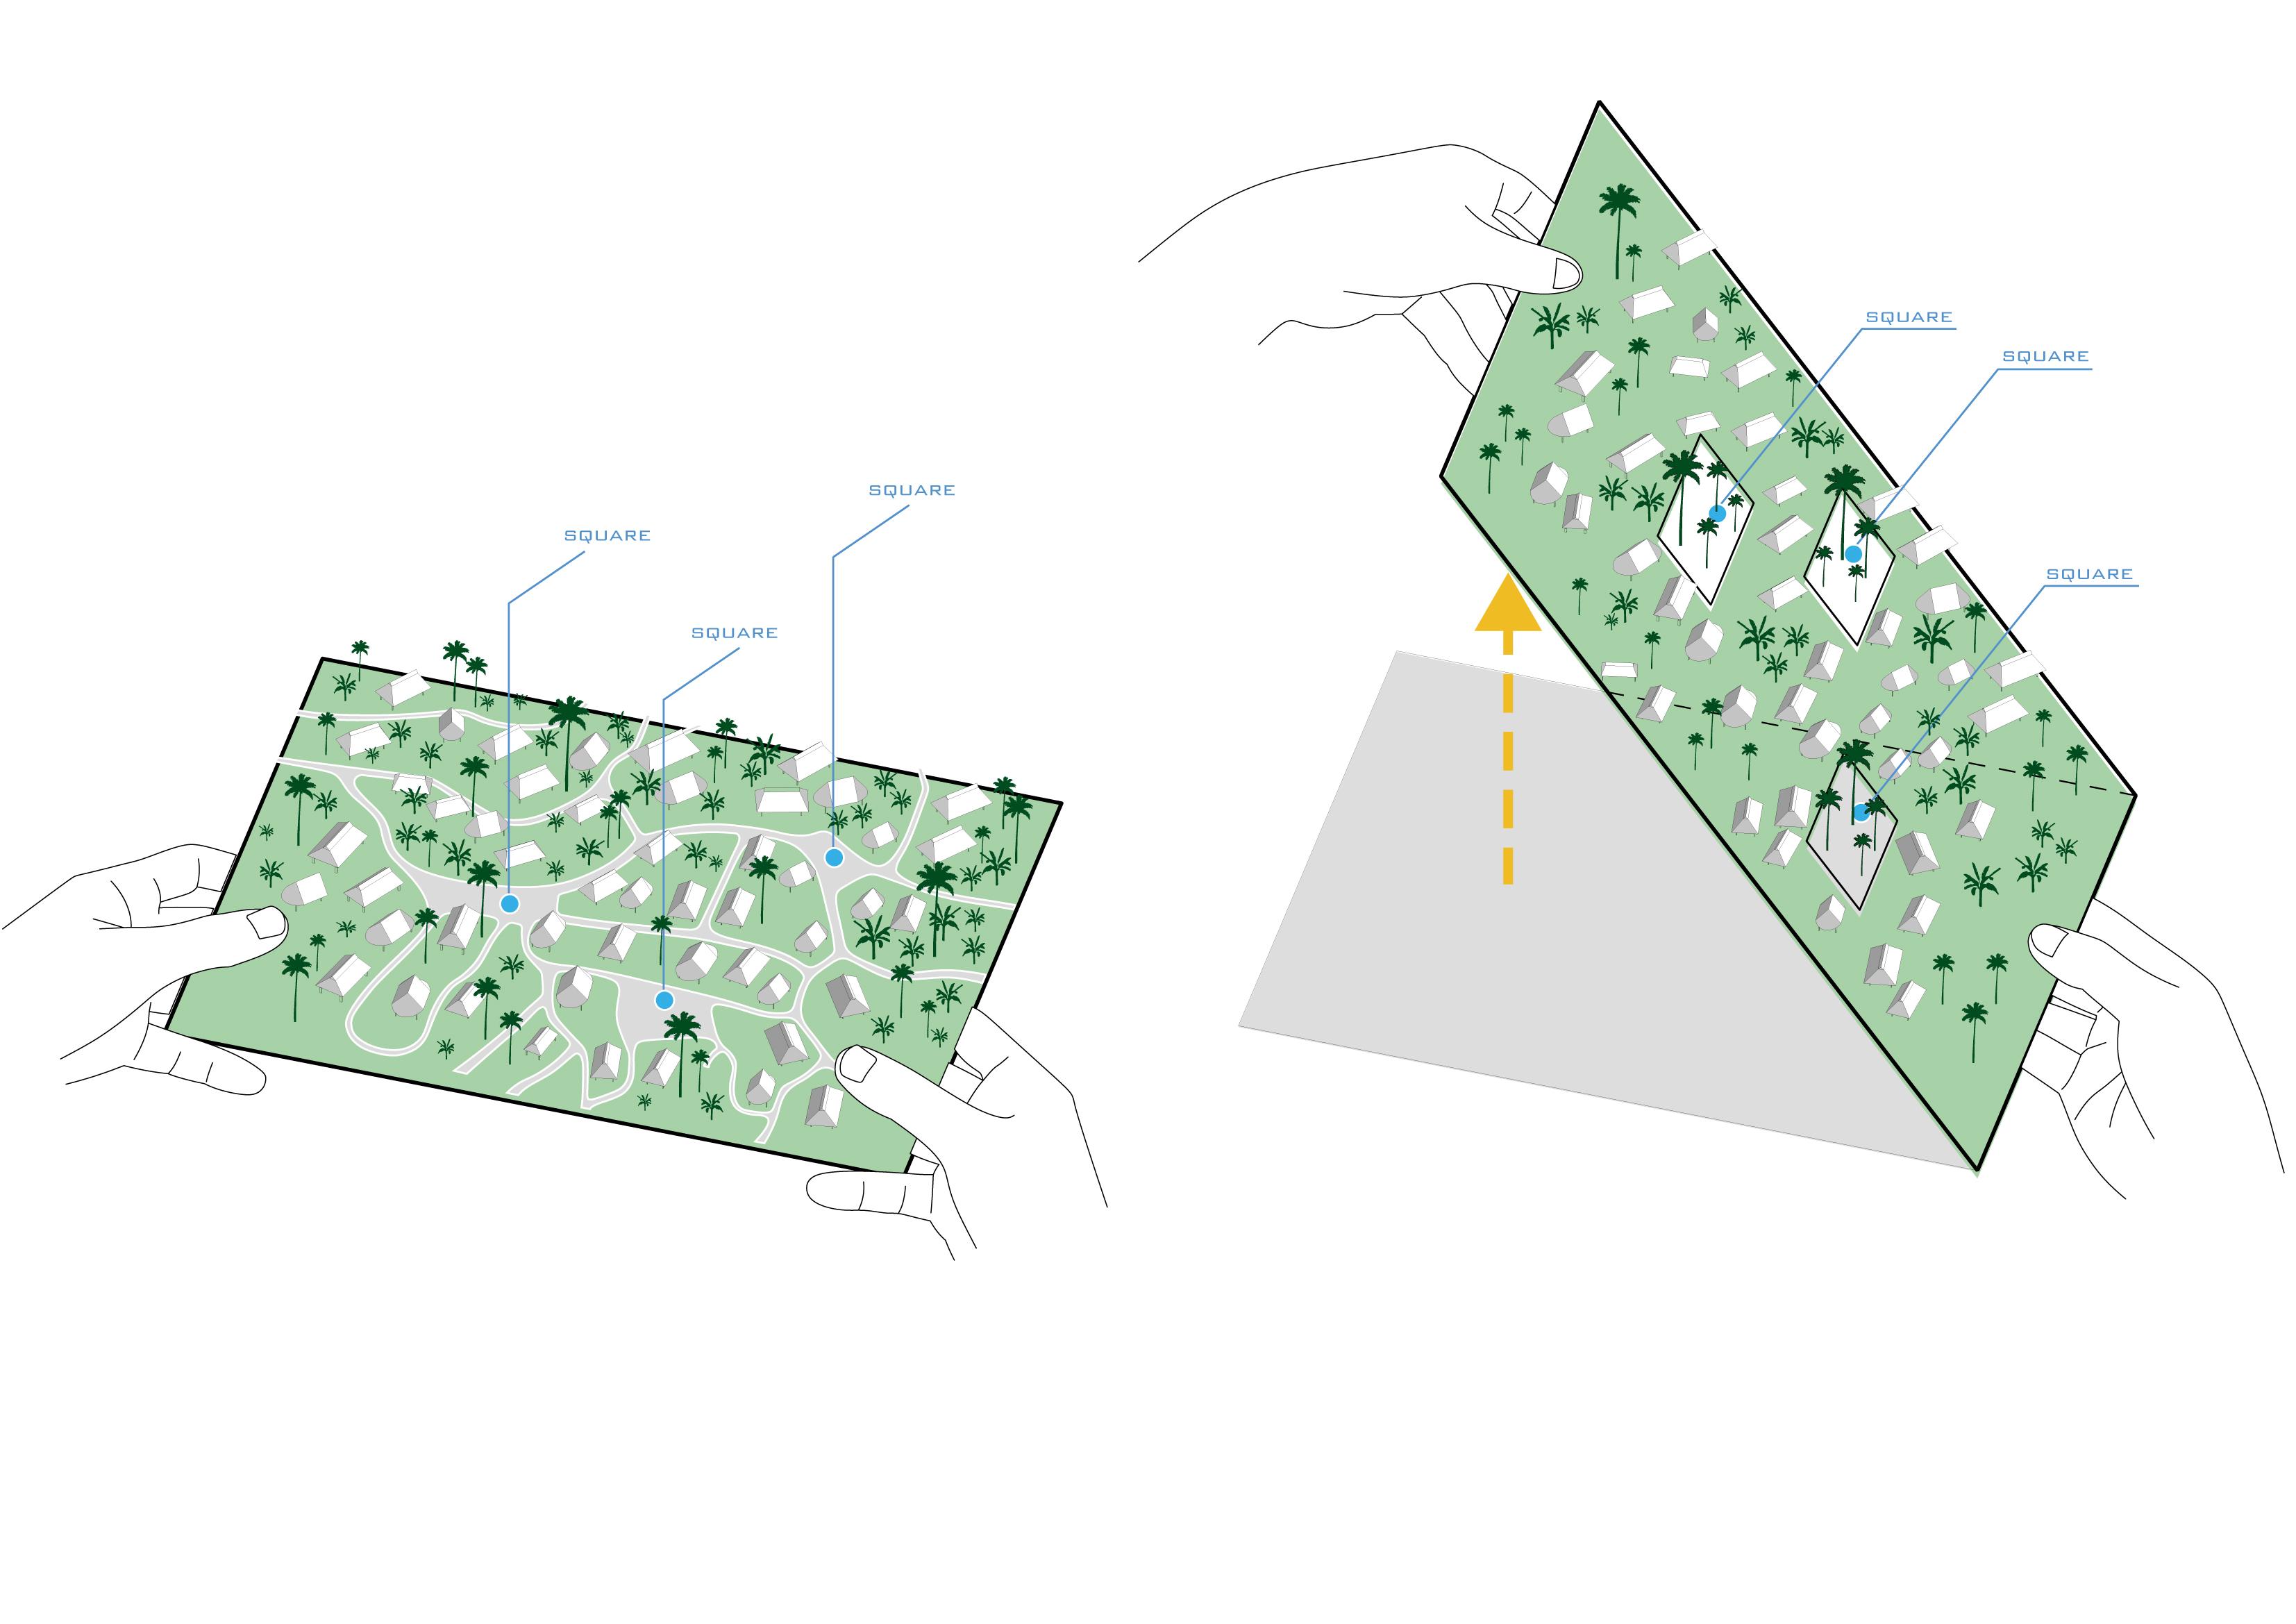 Xishuangbanna_Diagram_Concept01